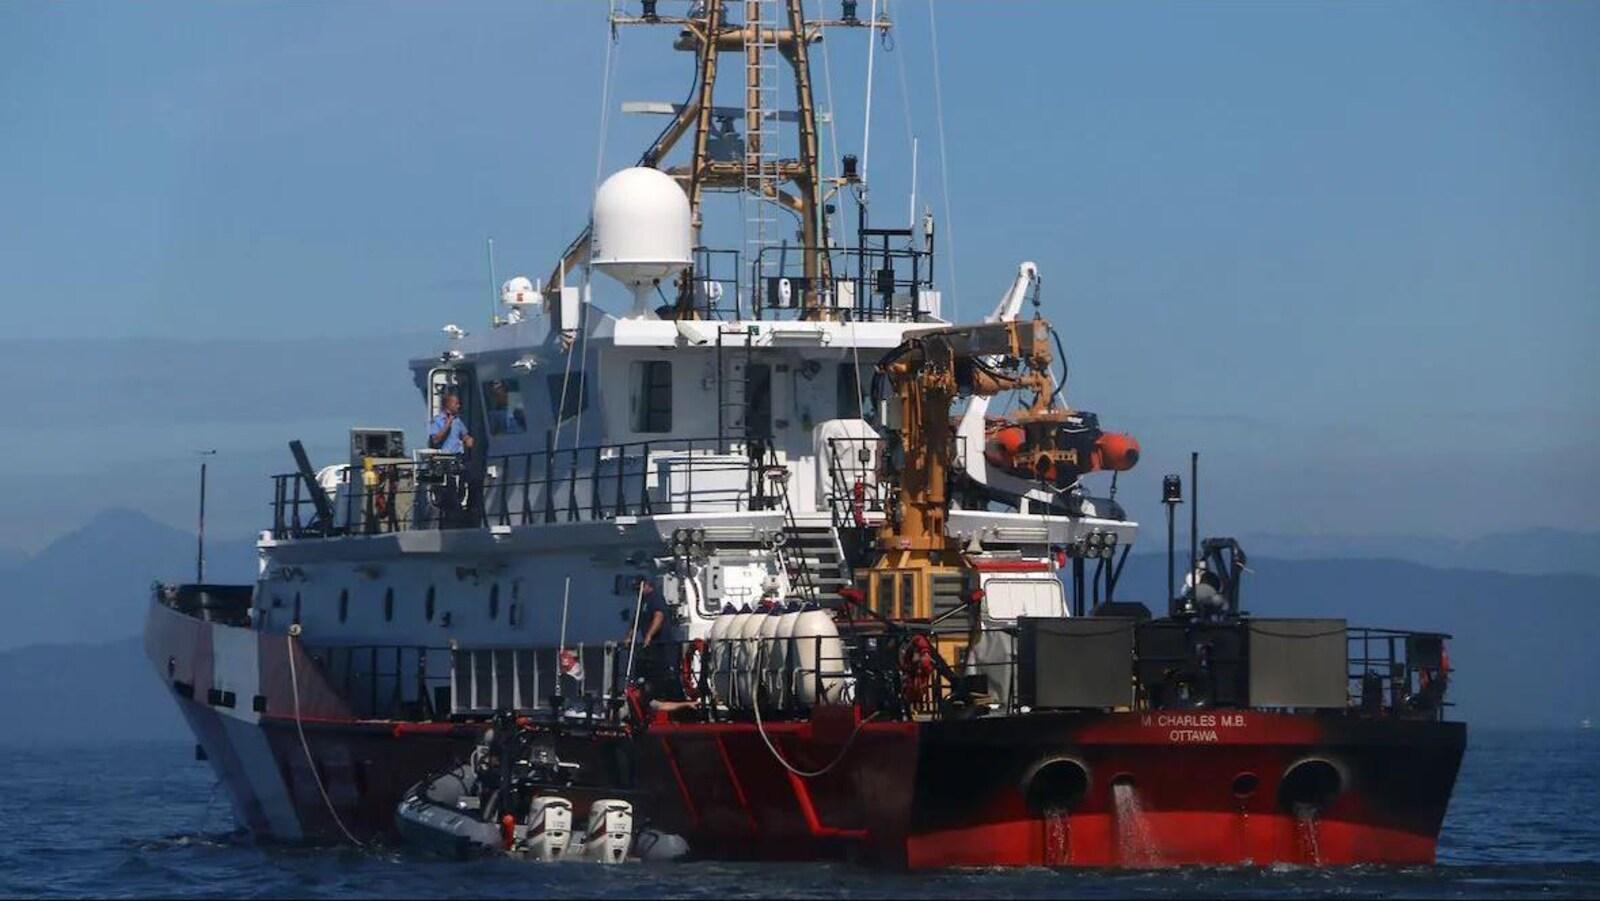 Un canot à coque gonflable rigide est amarré au navire de la Garde côtière sur une mer calme